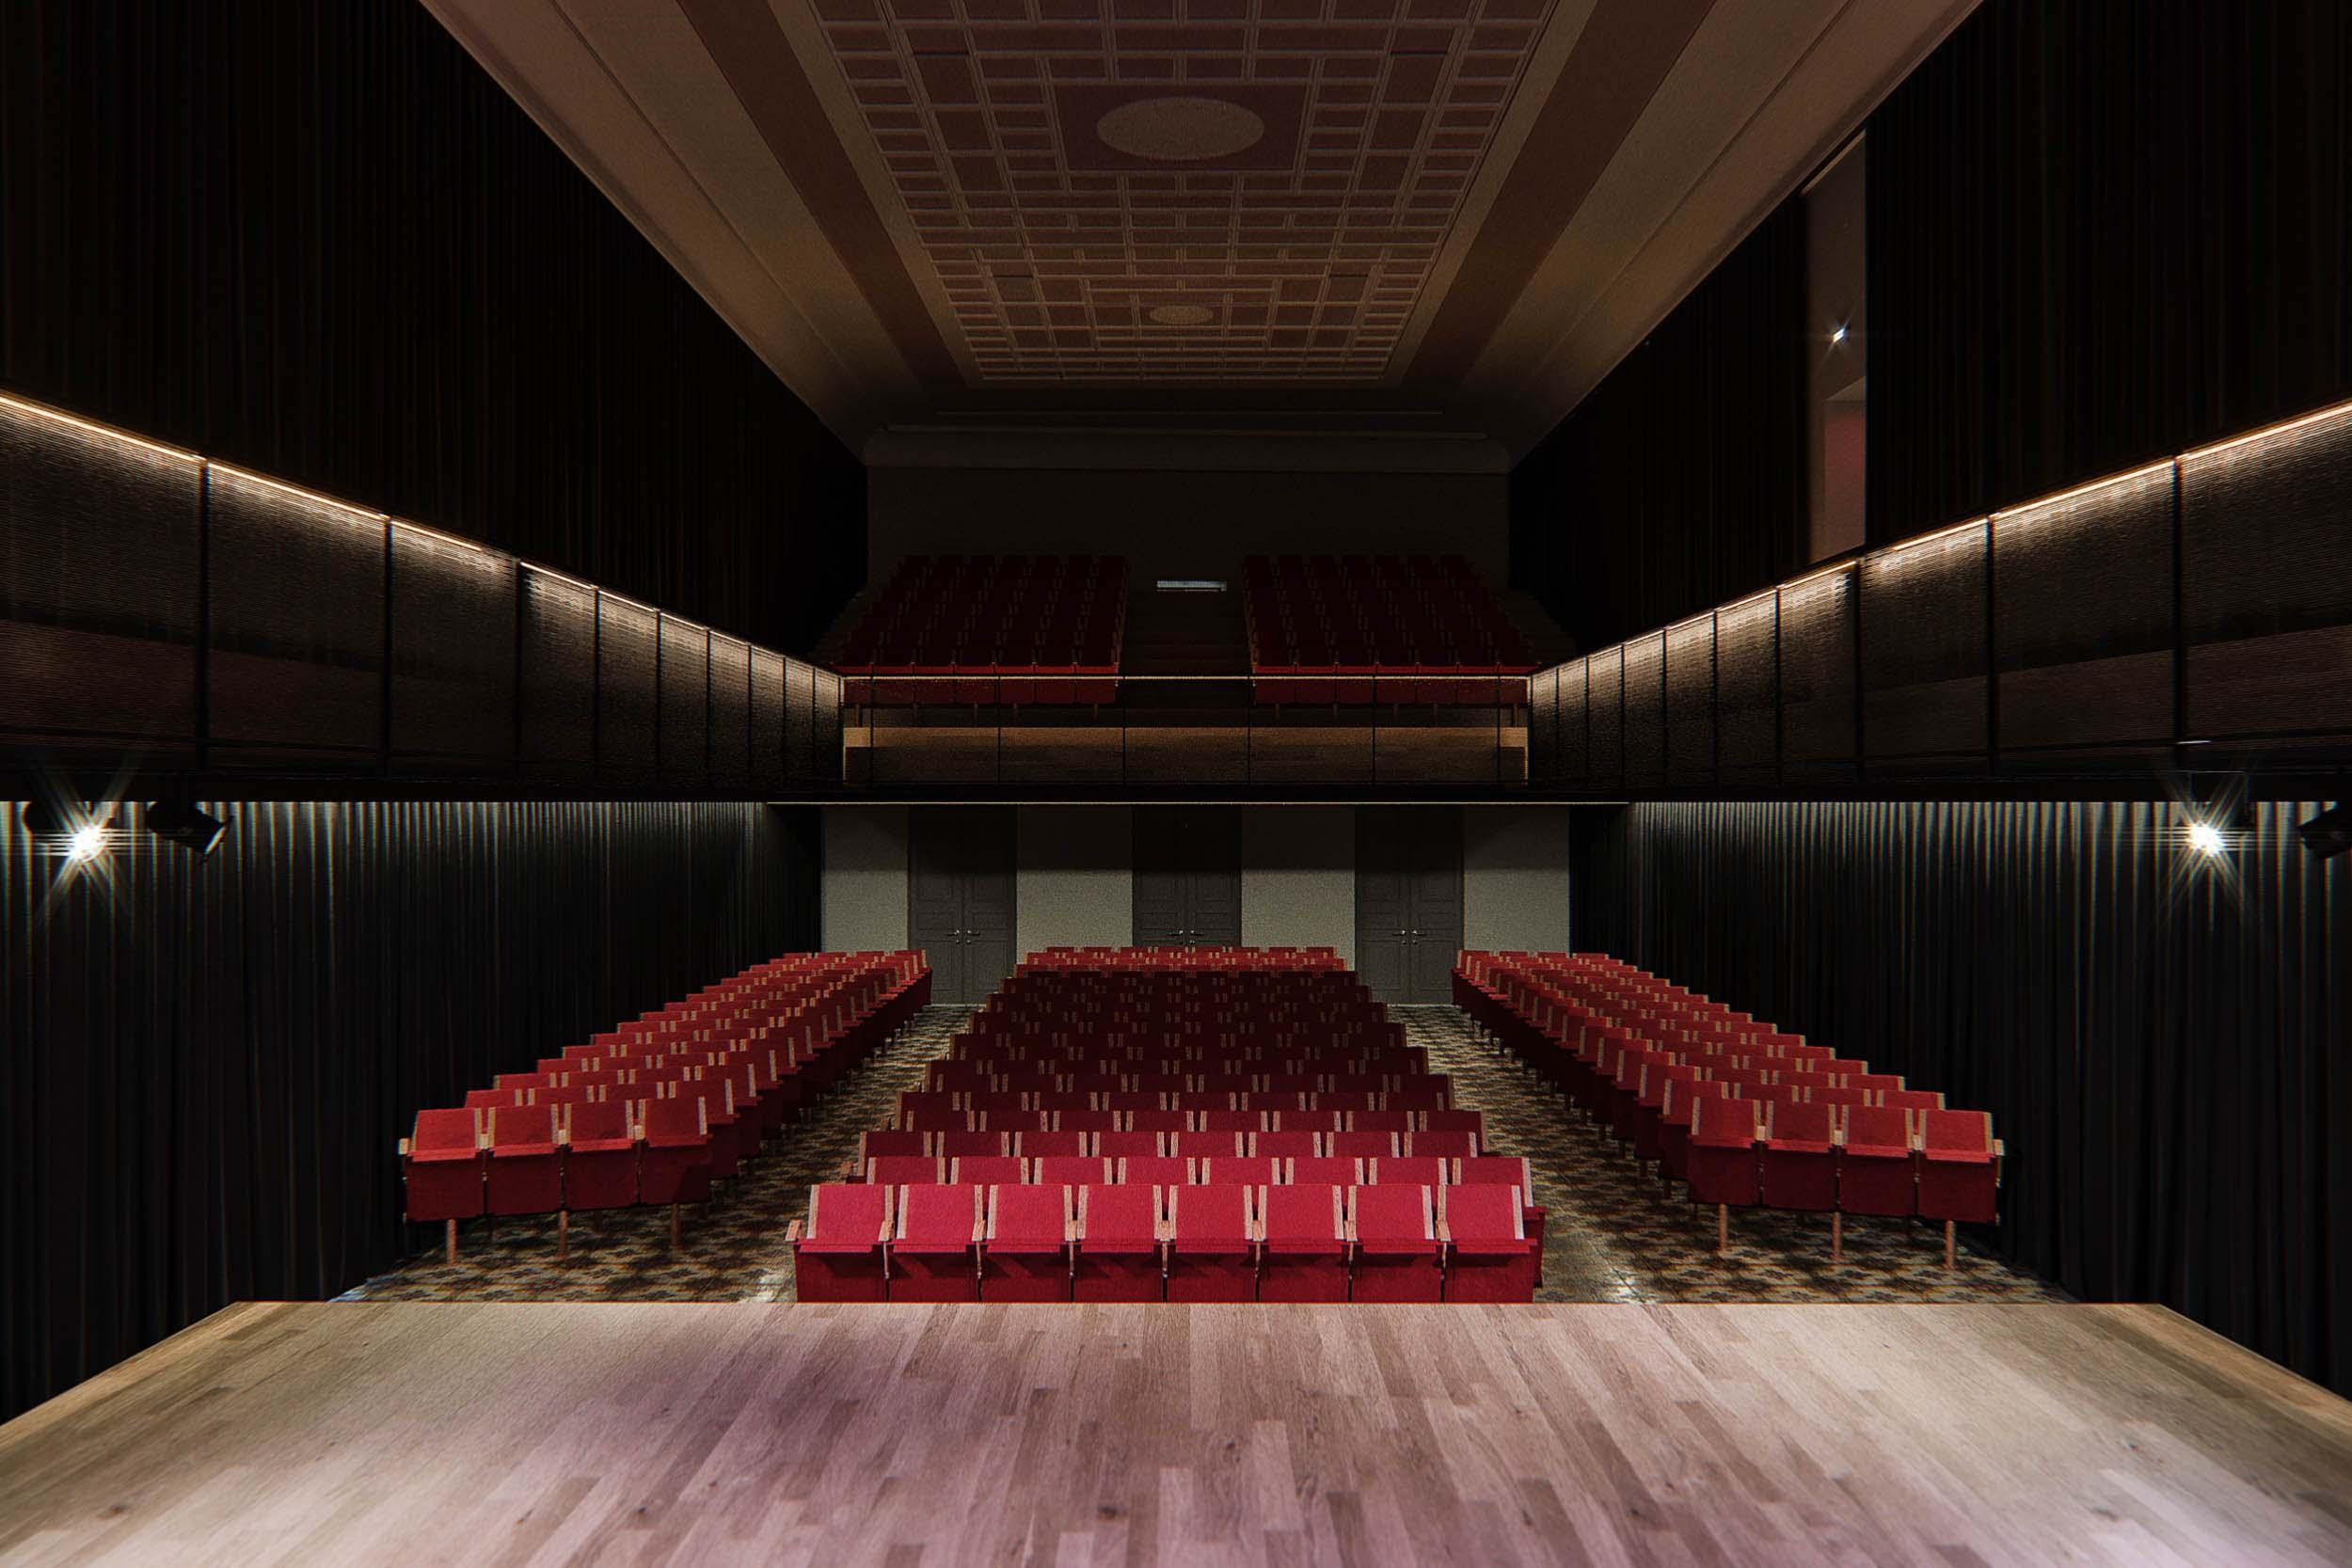 https://dprostudio.com/wp-content/uploads/2020/11/Teatru-Salesjan-_-hall.jpg